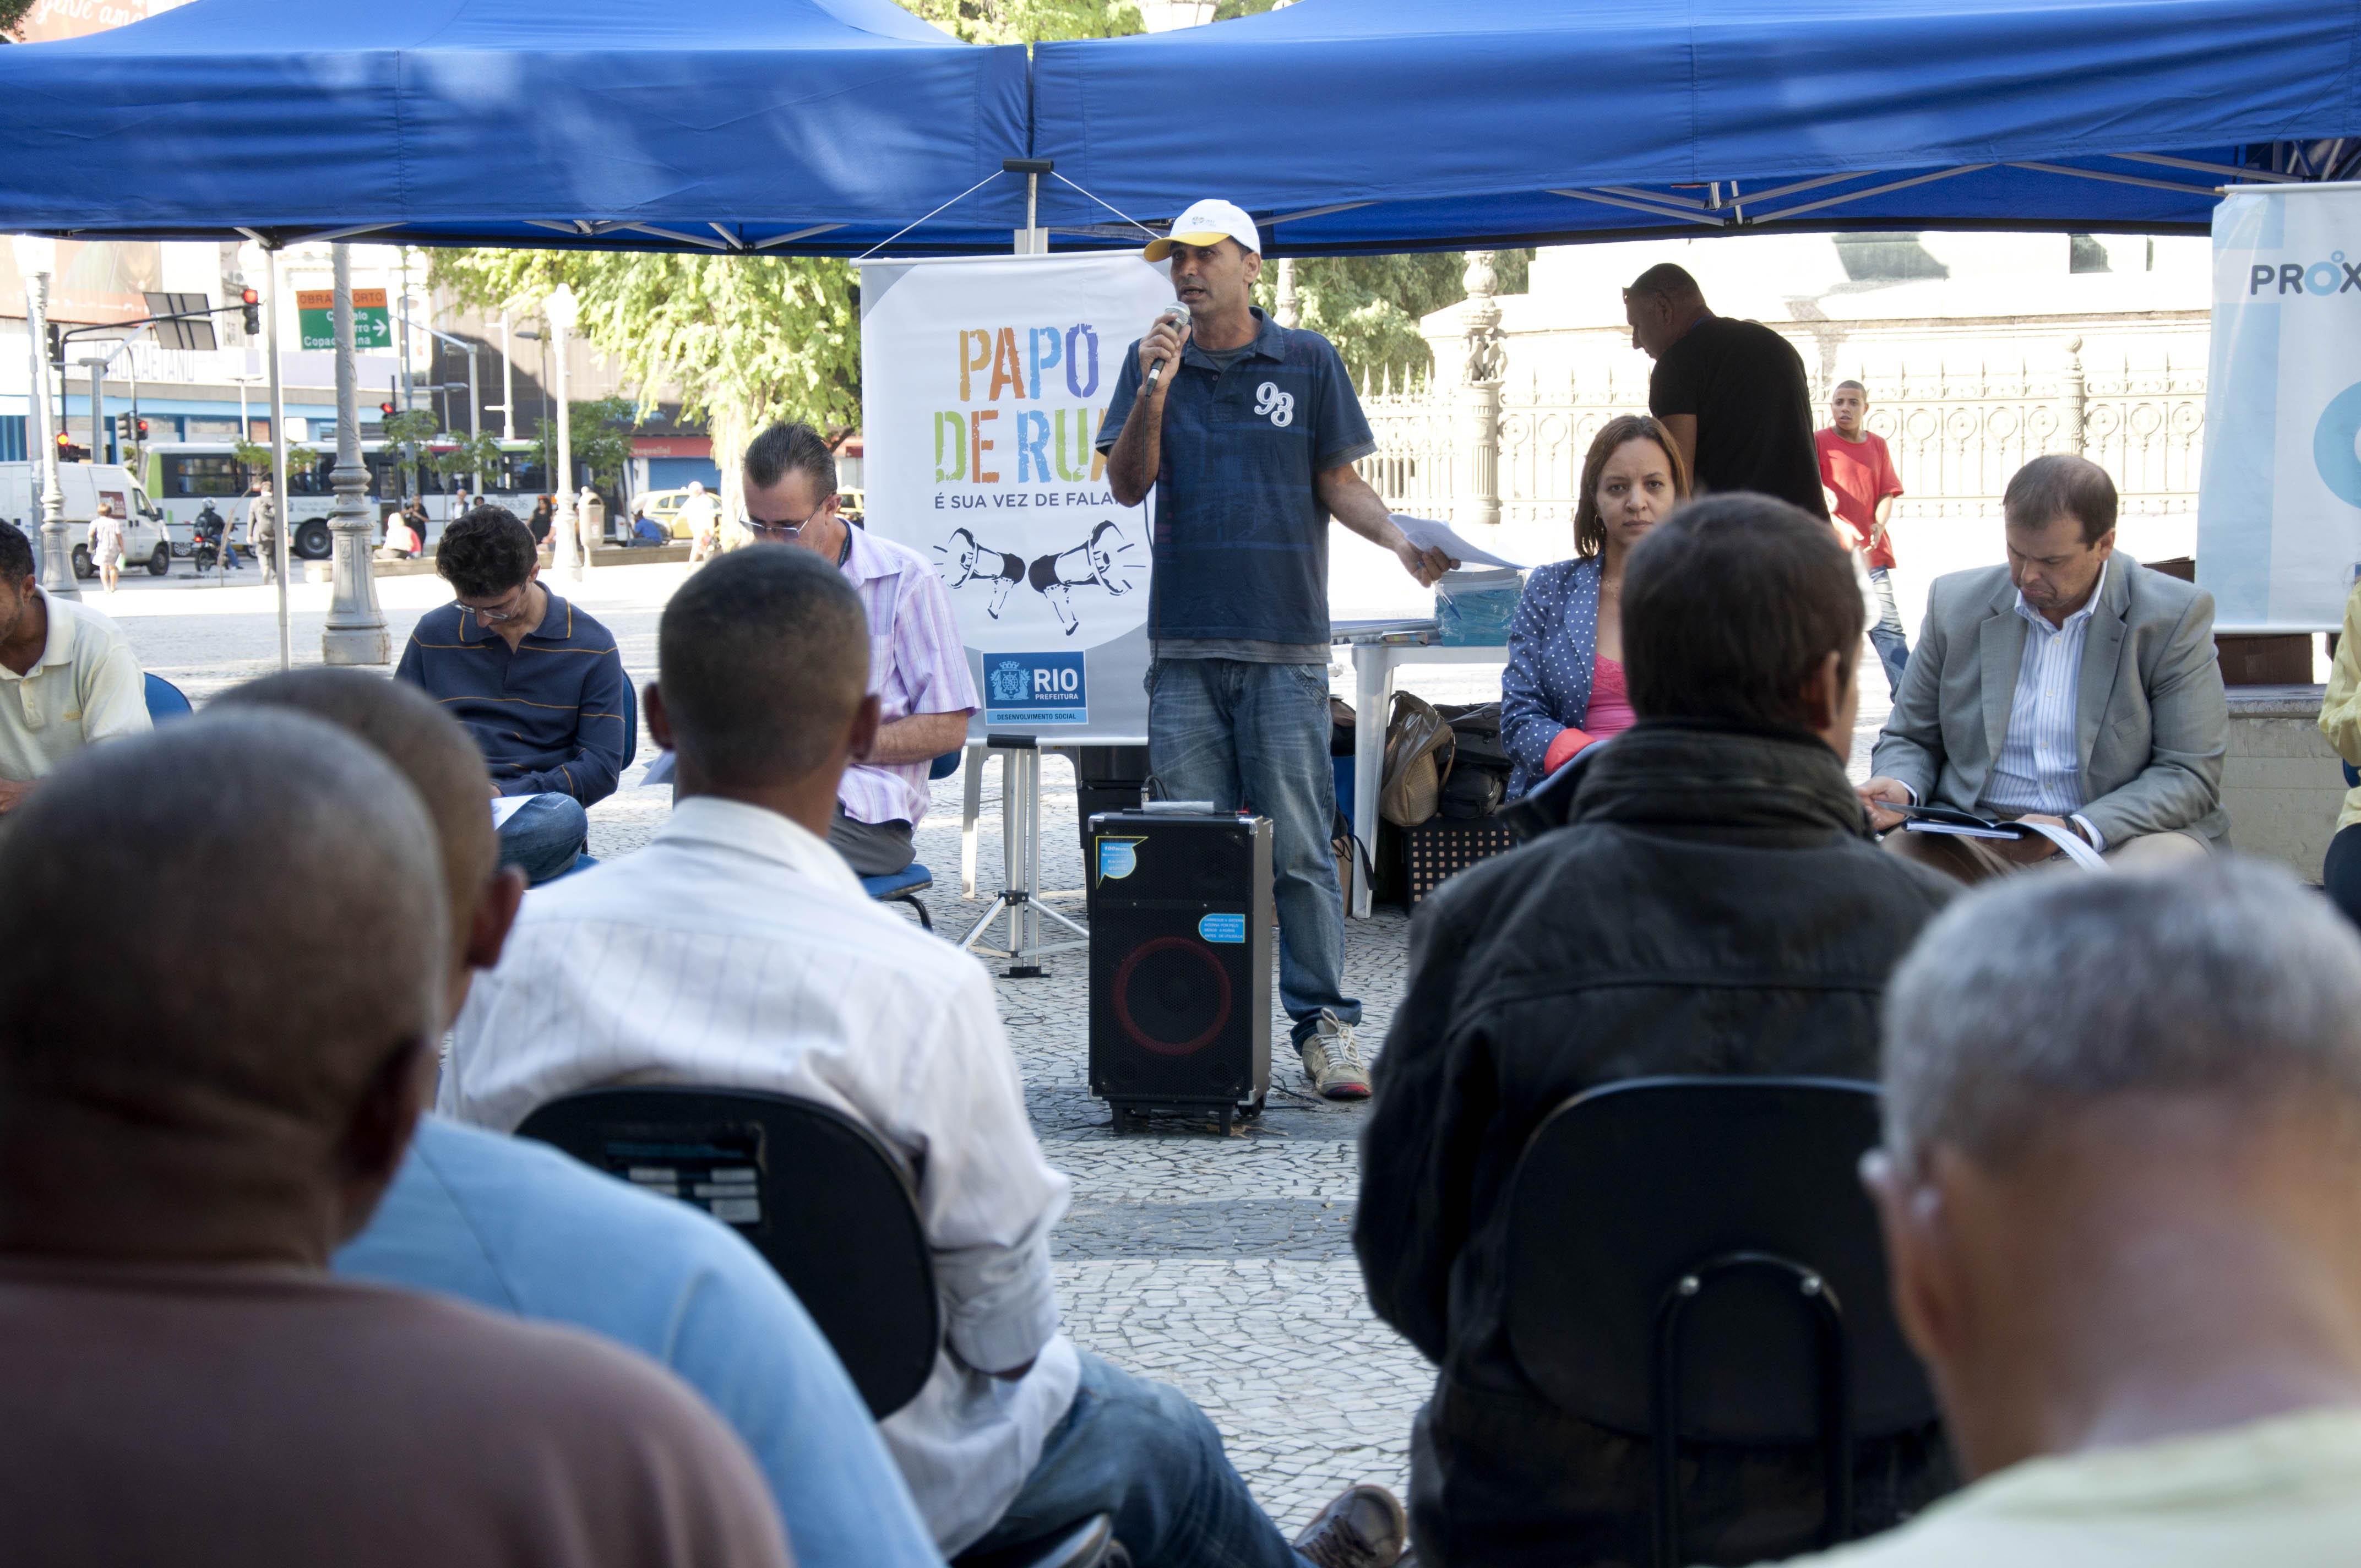 Papo de Rua promove encontro na Praça Tiradentes